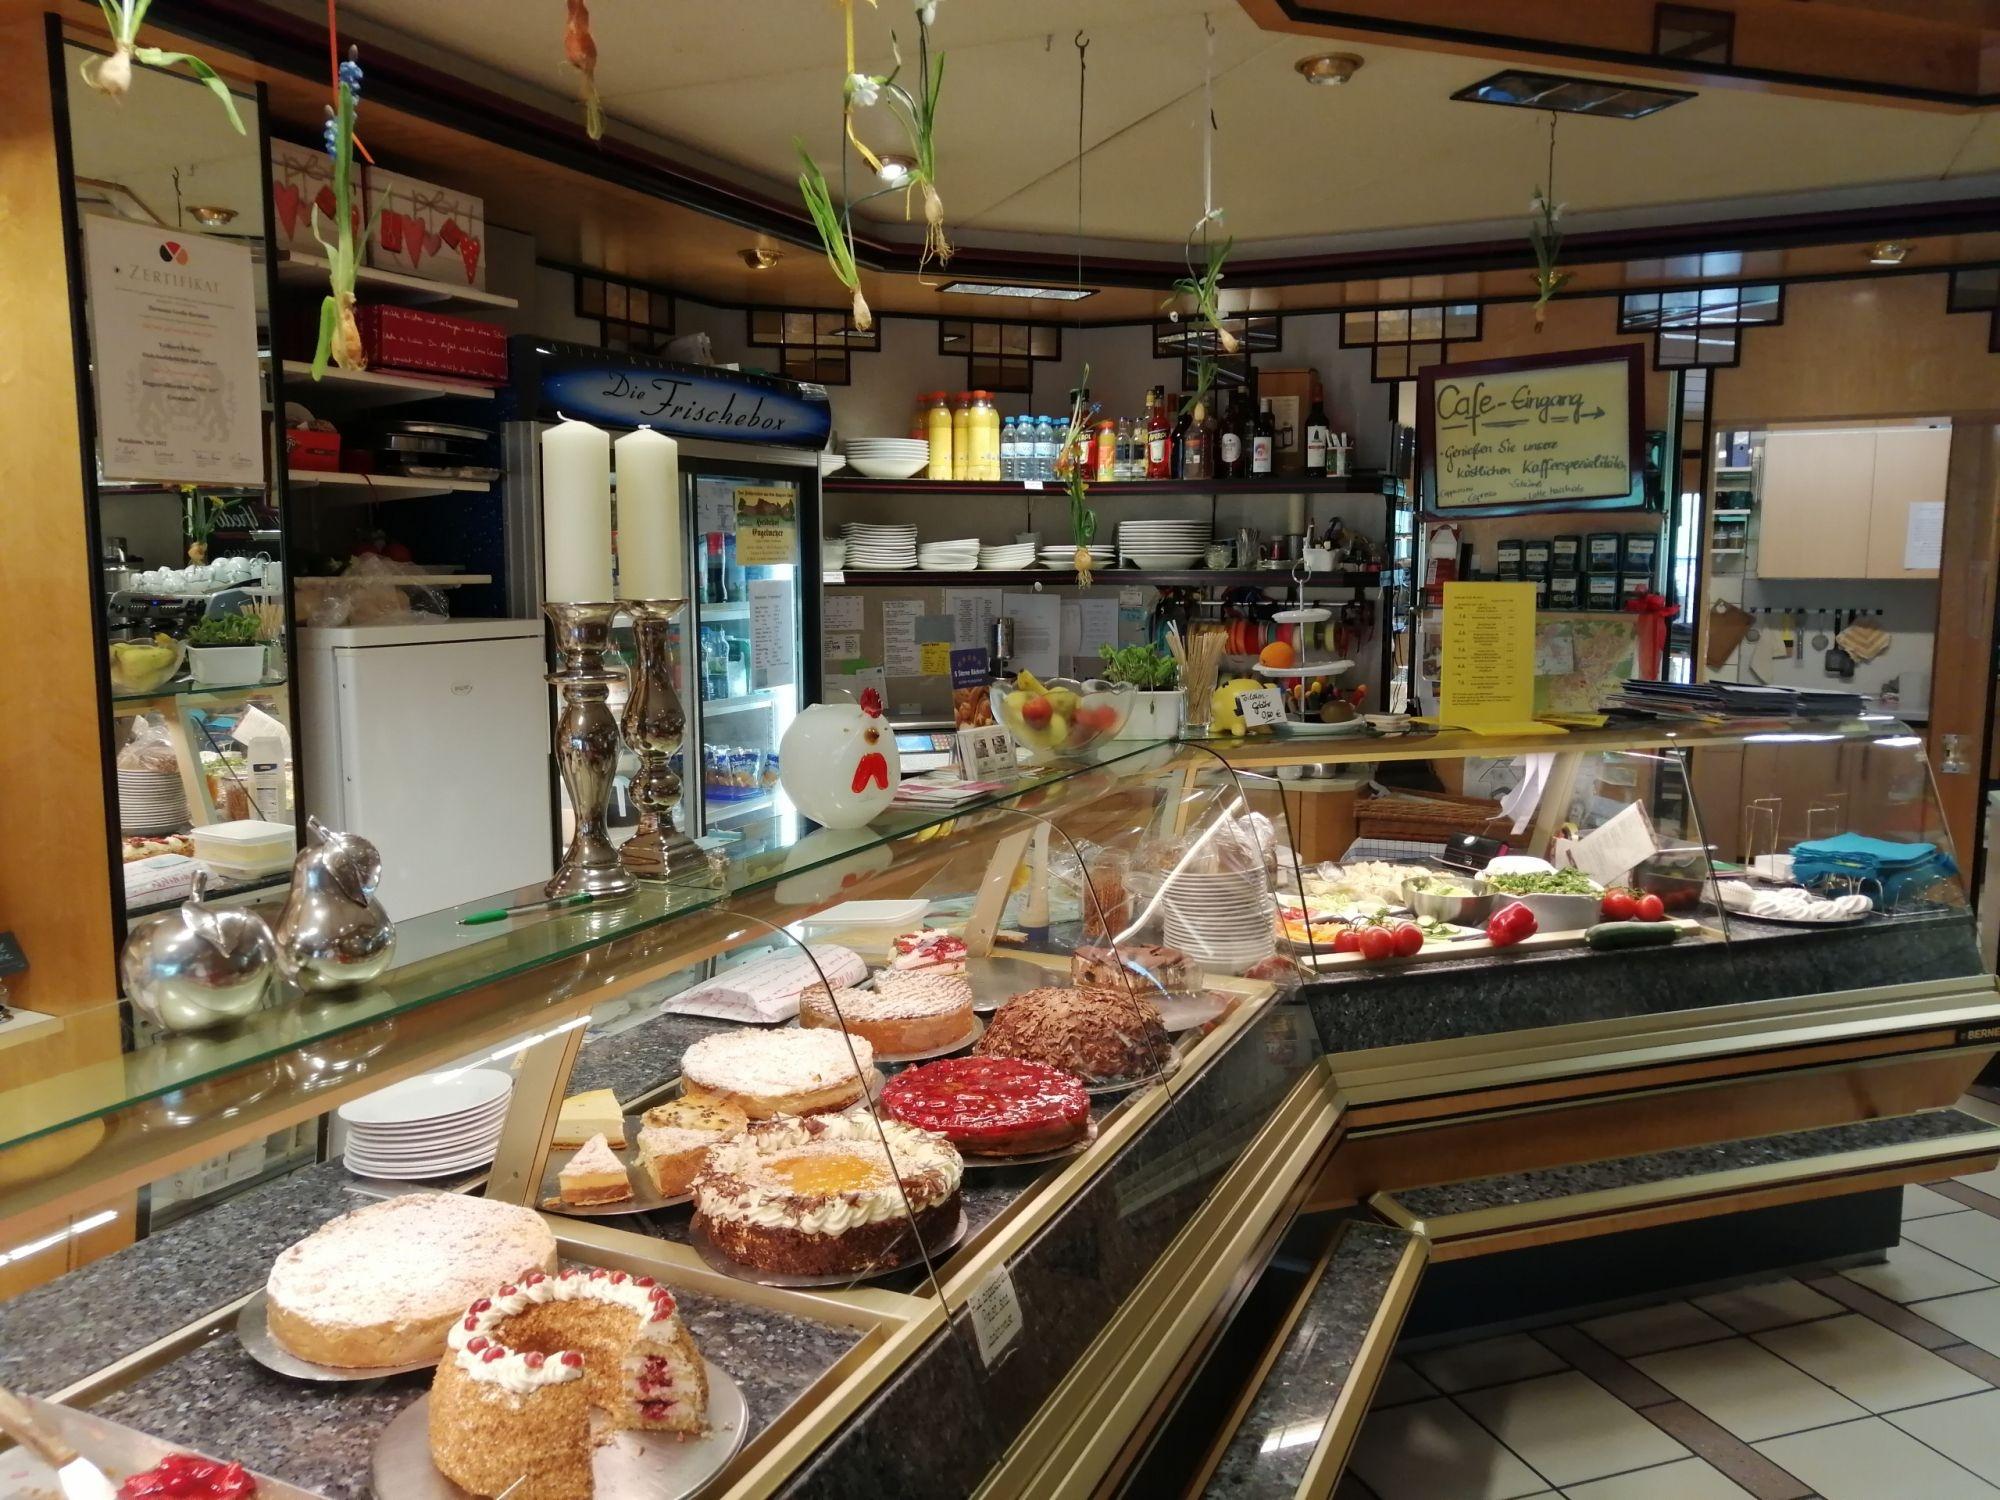 Kuchentheke in der Feinbäckerei Große-Rechtien in Bad Iburg